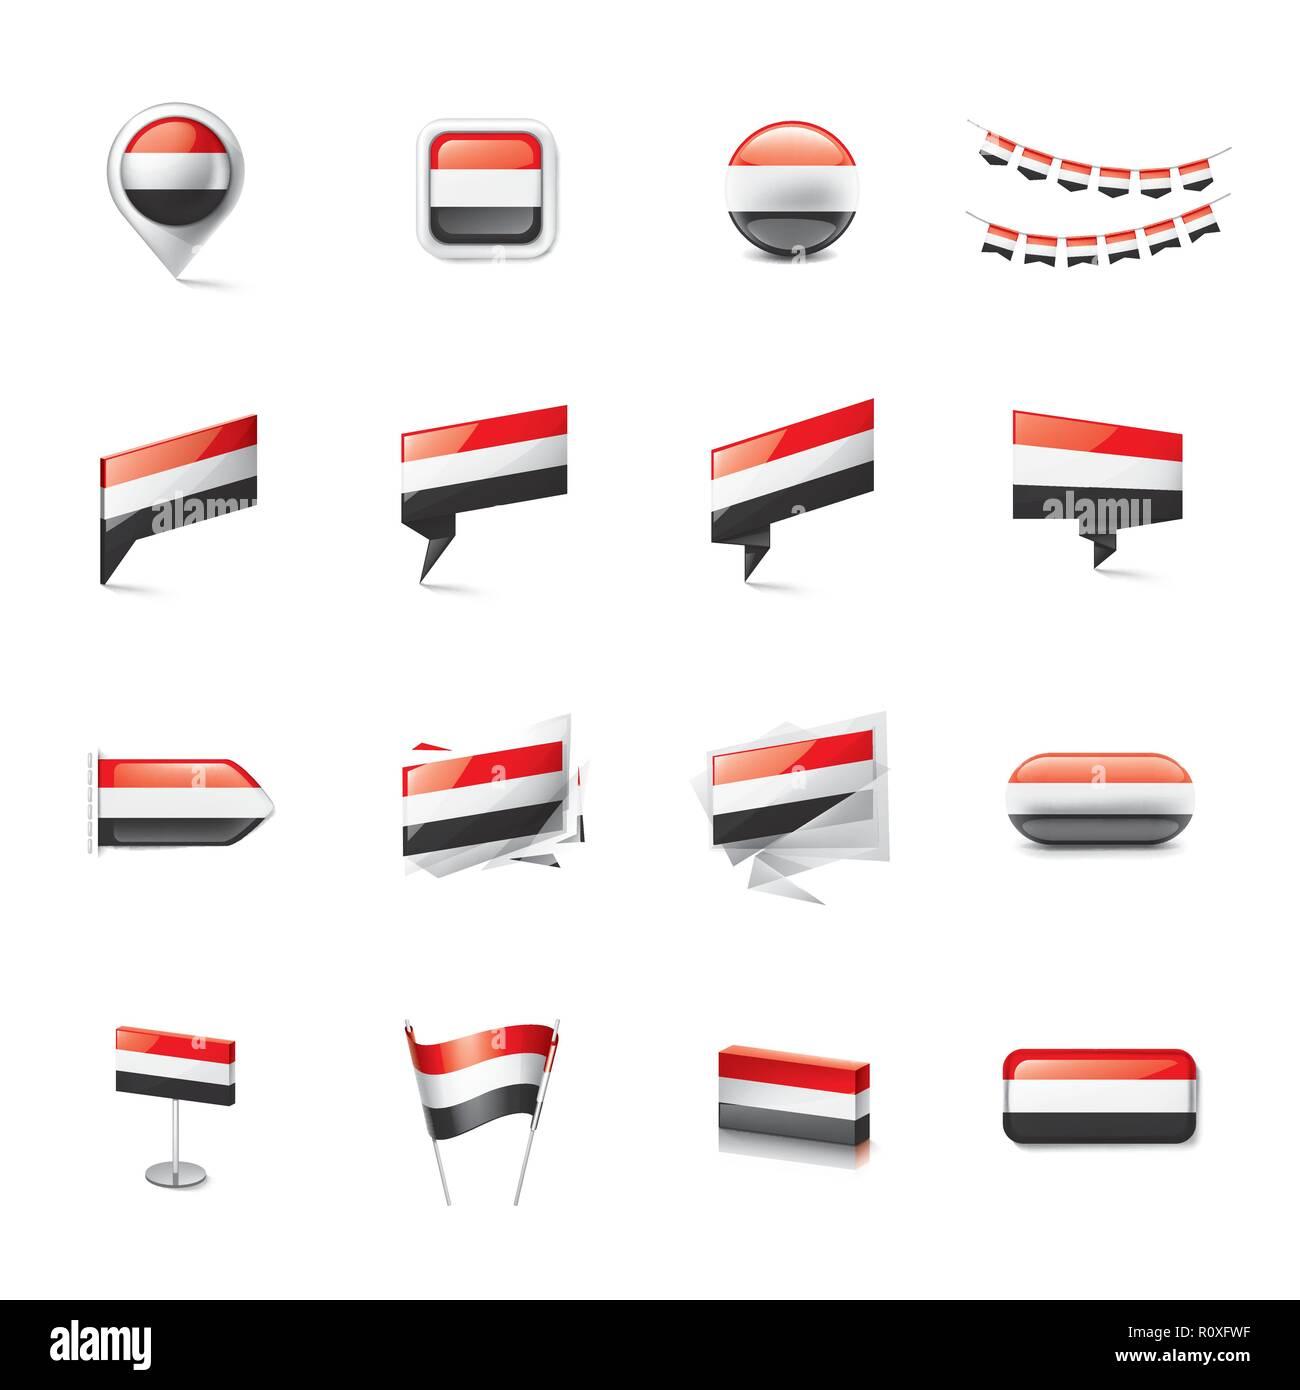 Yemeni flag, vector illustration on a white background. - Stock Image